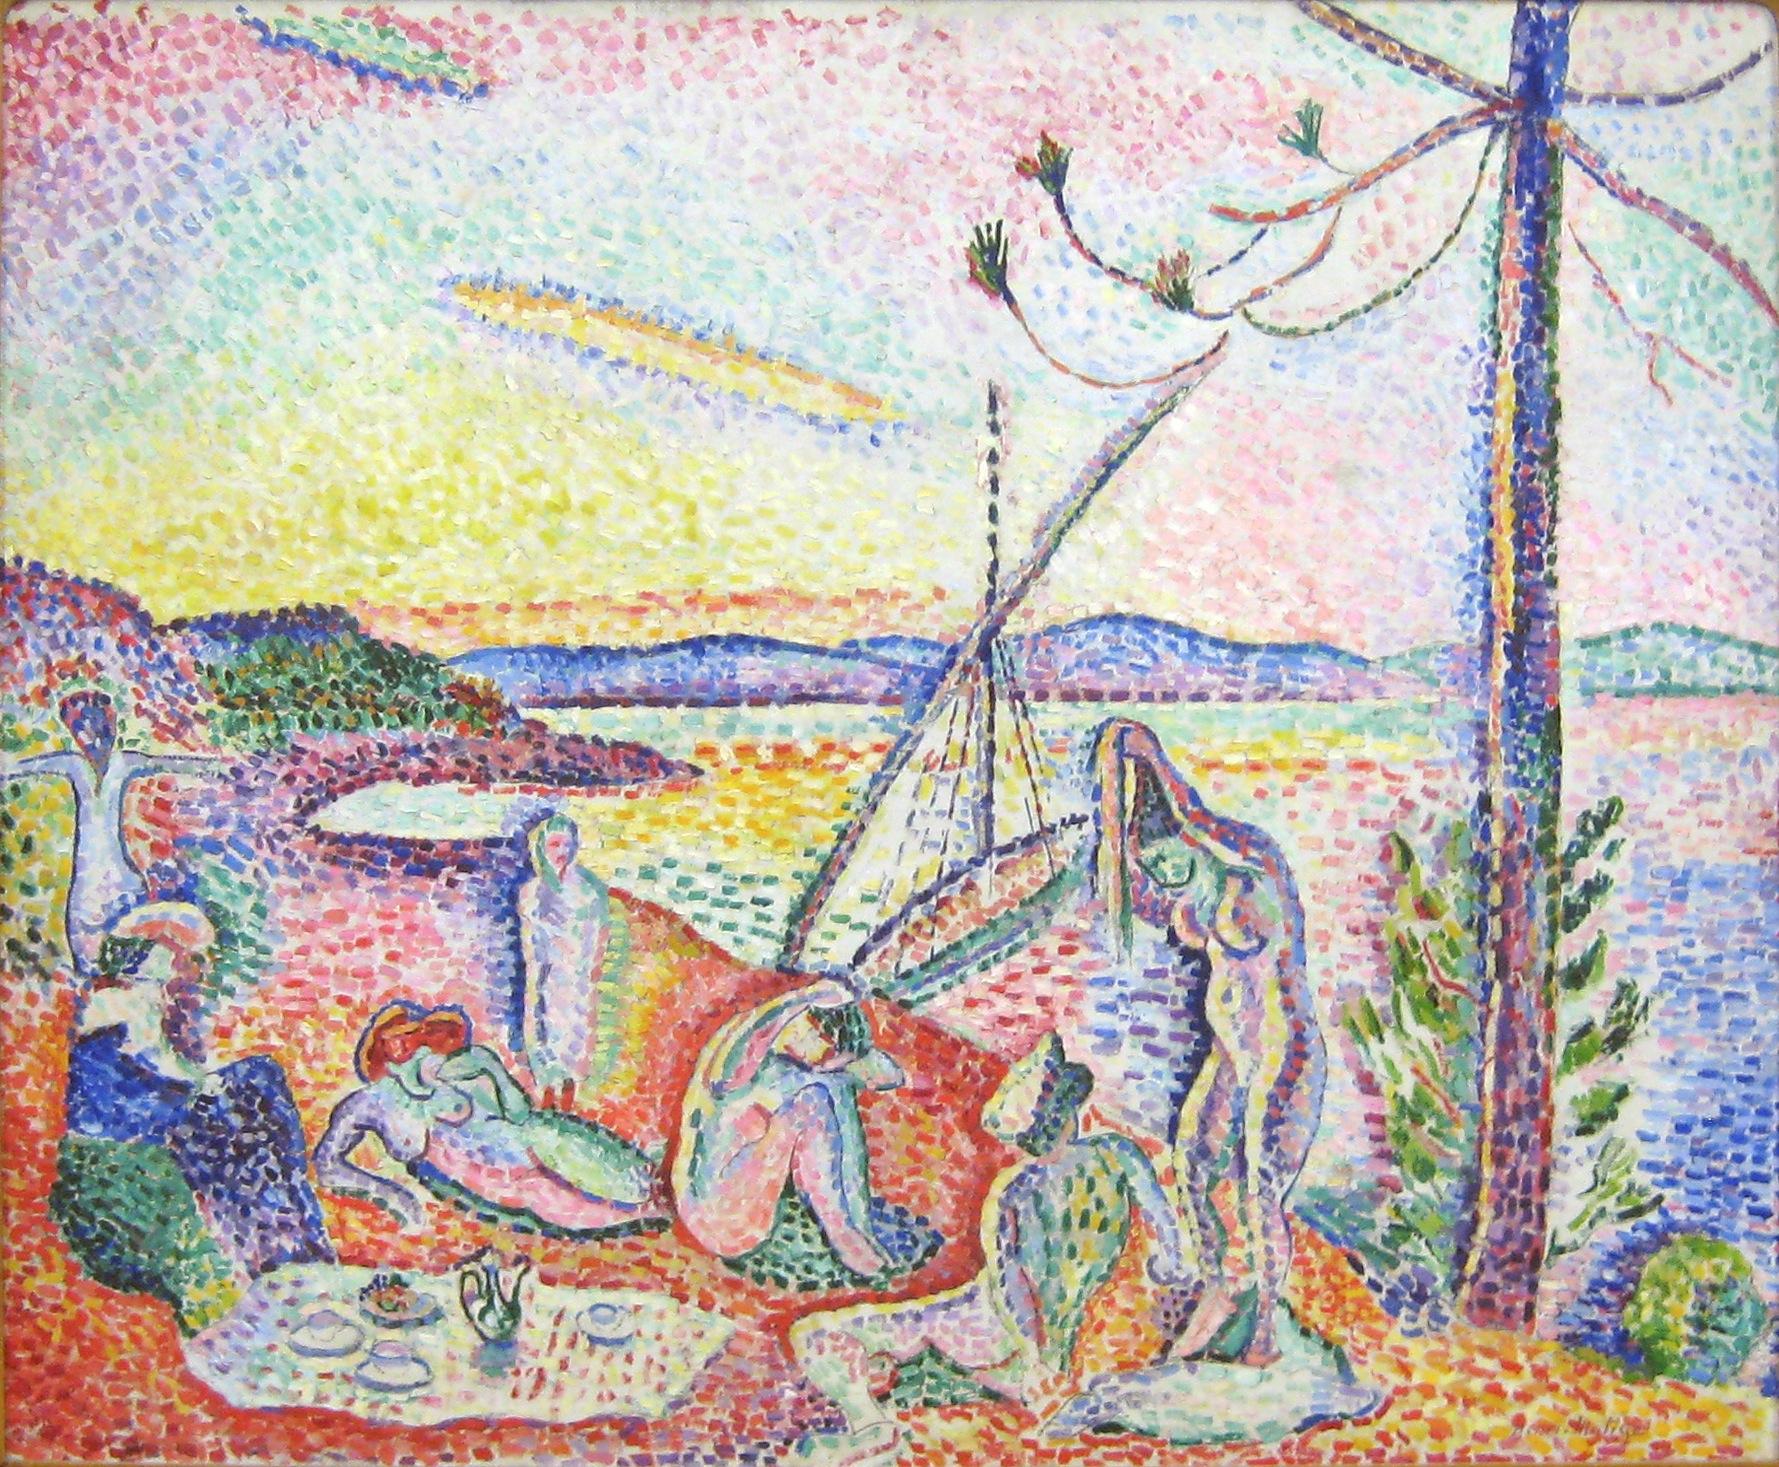 Henri Matisse, Luxe, Calme et Volupté, 1904-5, oil on canvas, 37 x 46 inches (Musée d'Orsay, Paris)